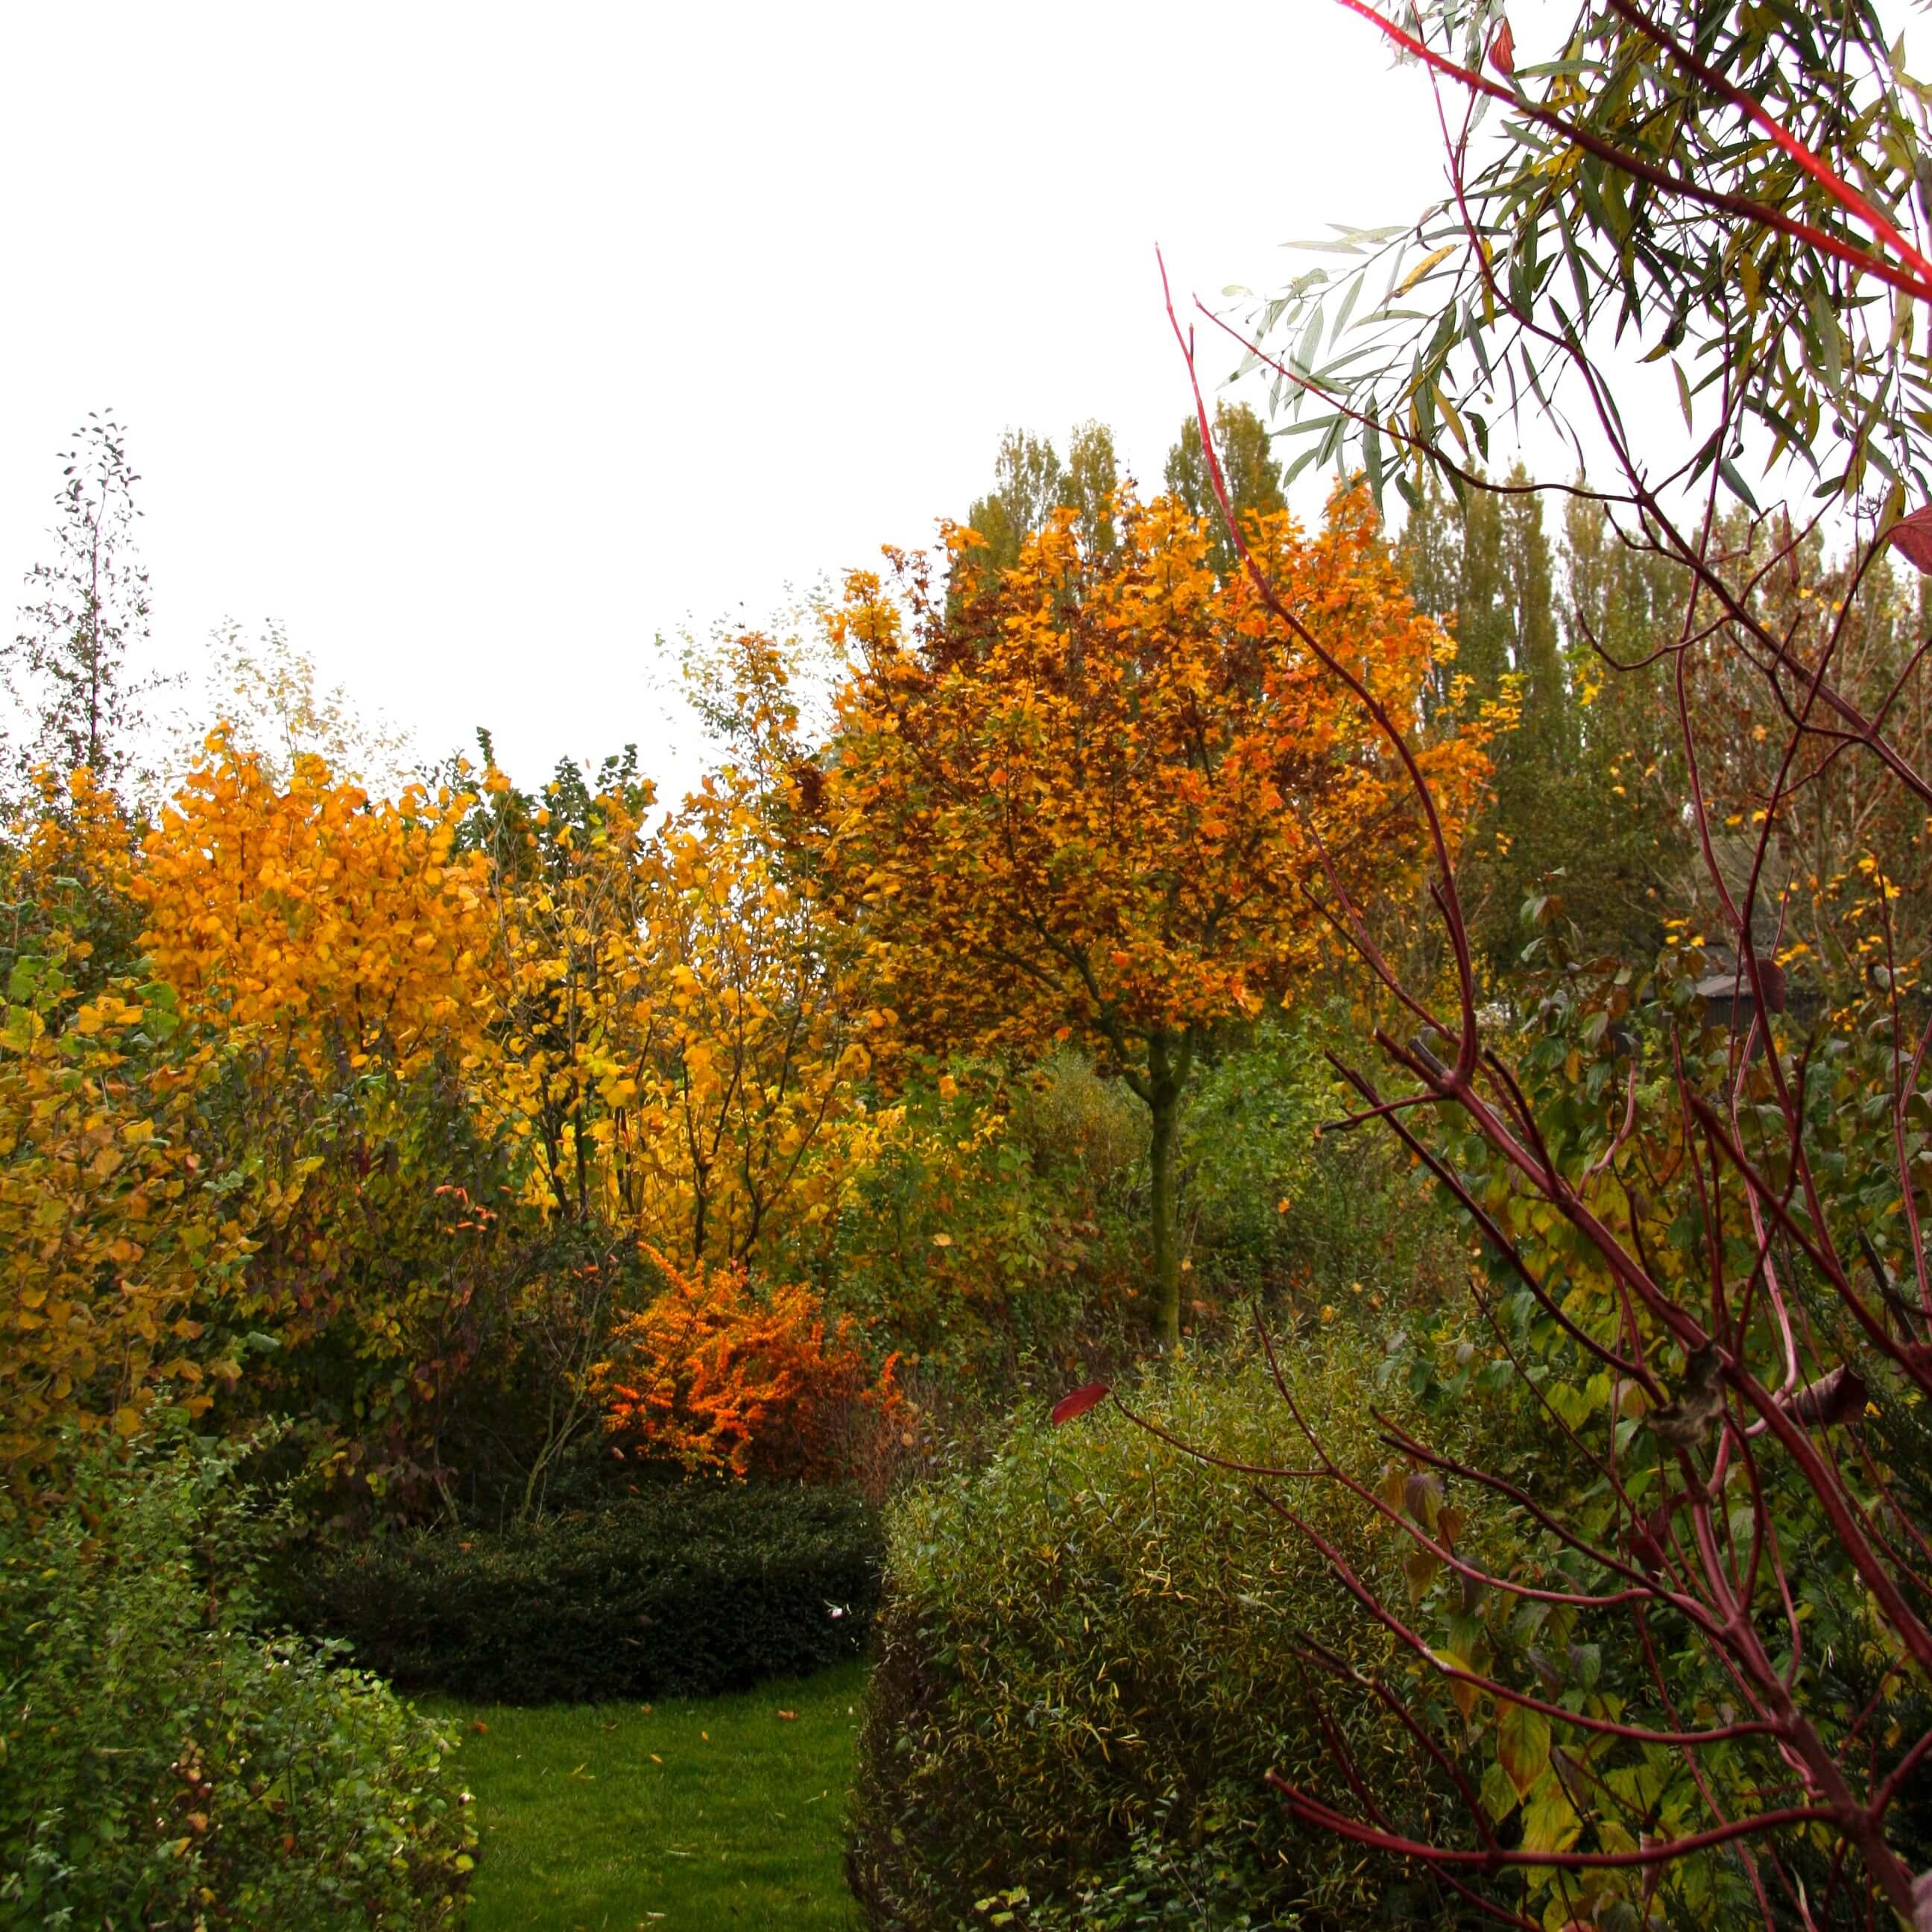 Herfst in de landschapstuin